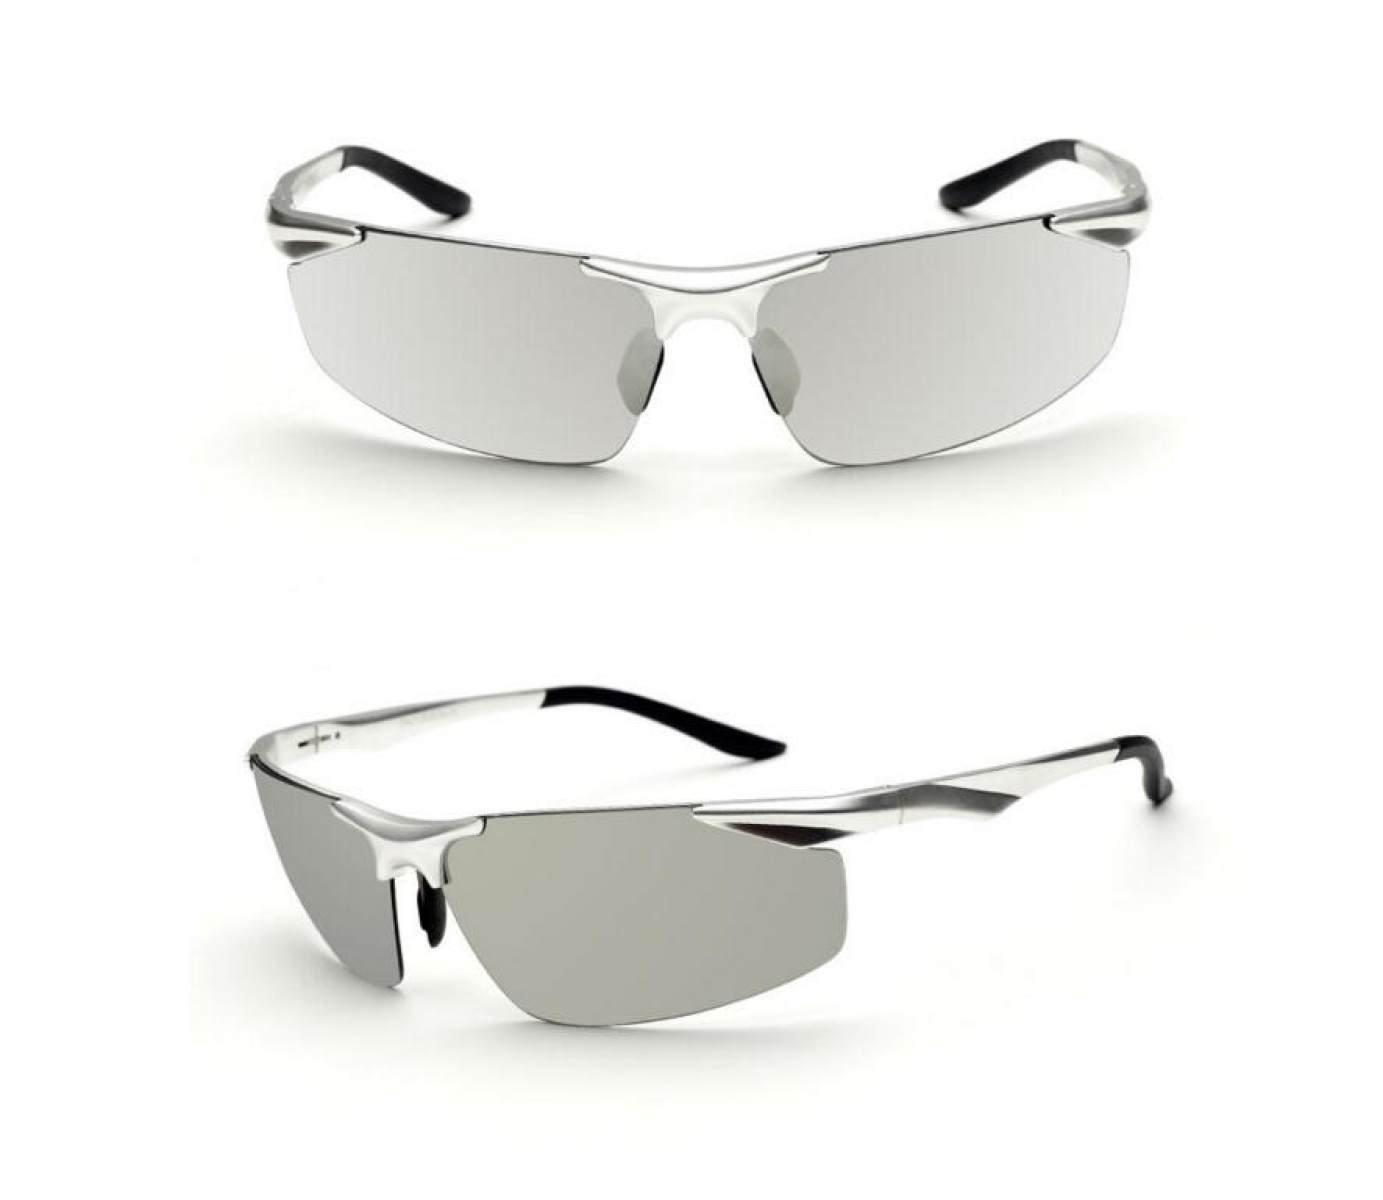 Art Und Weise Kühle Sonnenbrille Polarisierte Aluminium- Und Magnesium-bunte Sonnenbrille-Mann-Sonnenbrille-Art- Und Weisegläser-Sport-Sonnenbrille,Grey